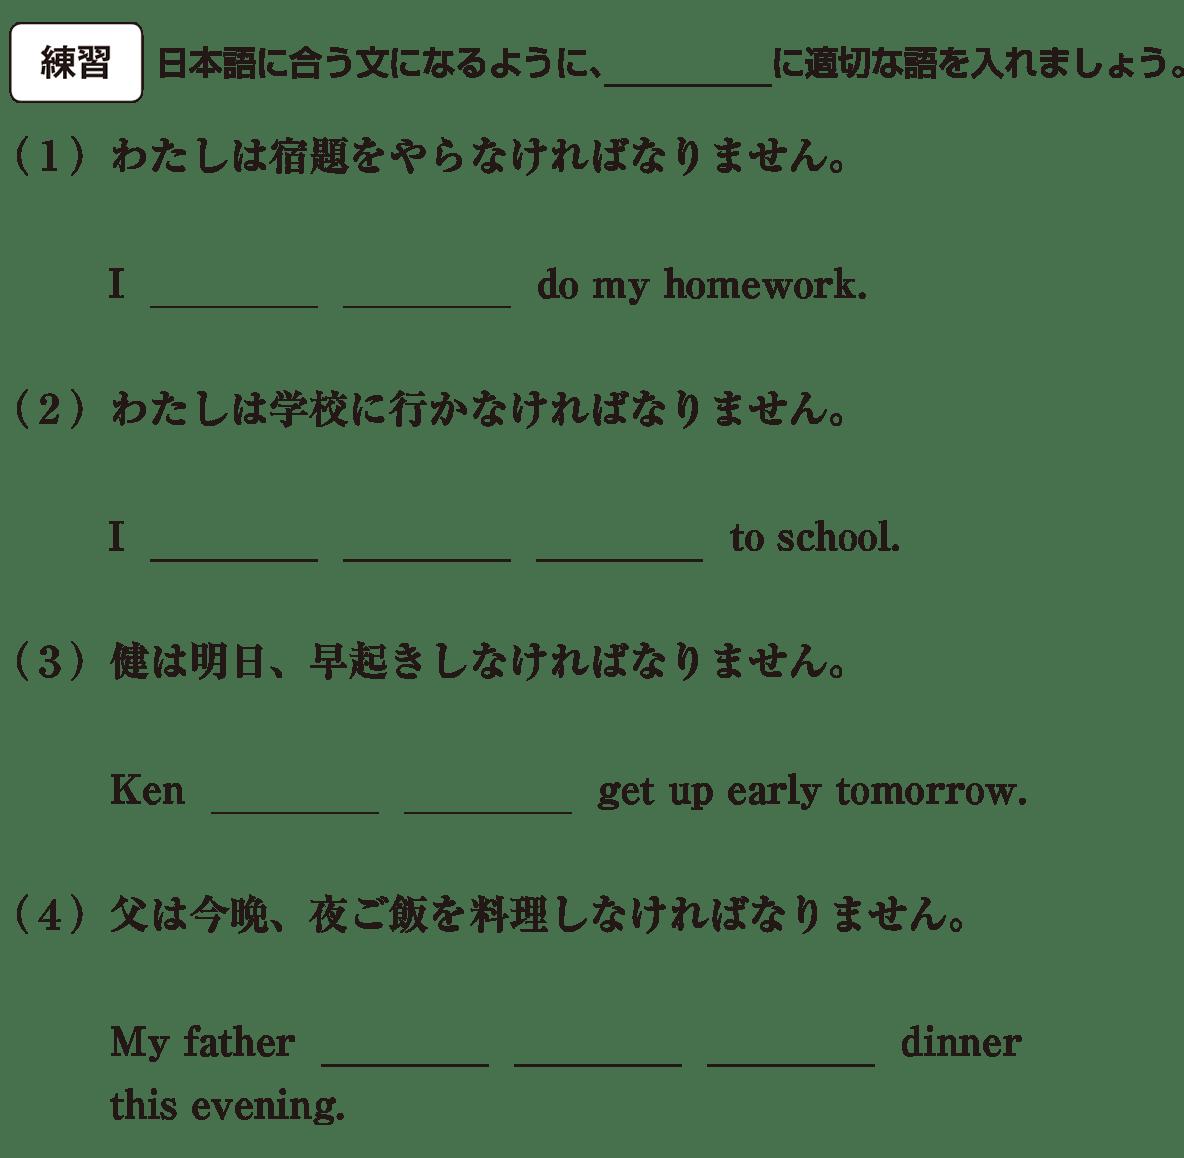 中2 英語57 練習